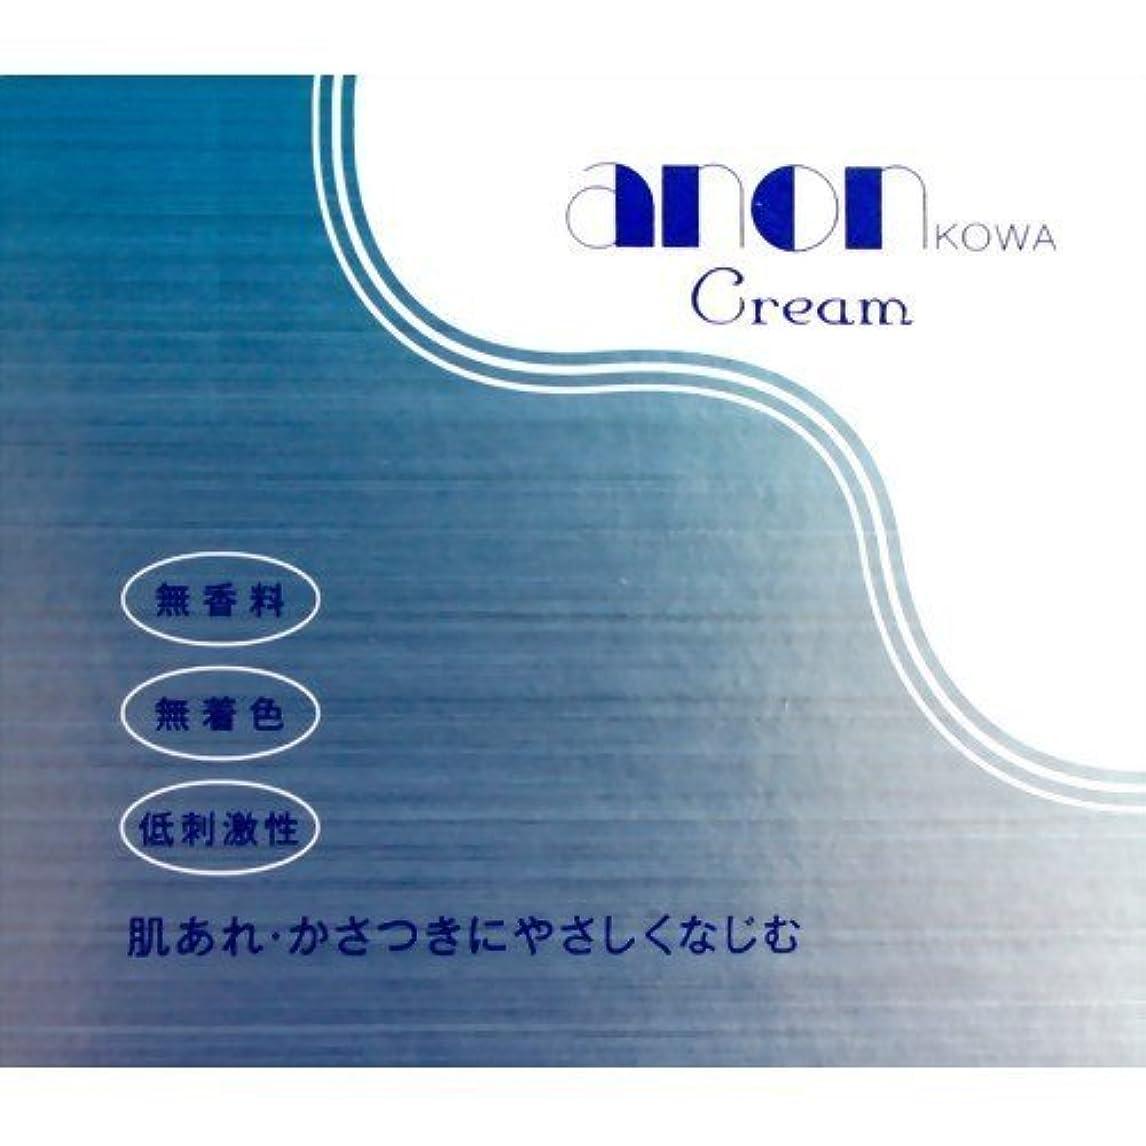 ドラフト引き算記念品興和新薬 アノンコーワクリーム160g×2 2990